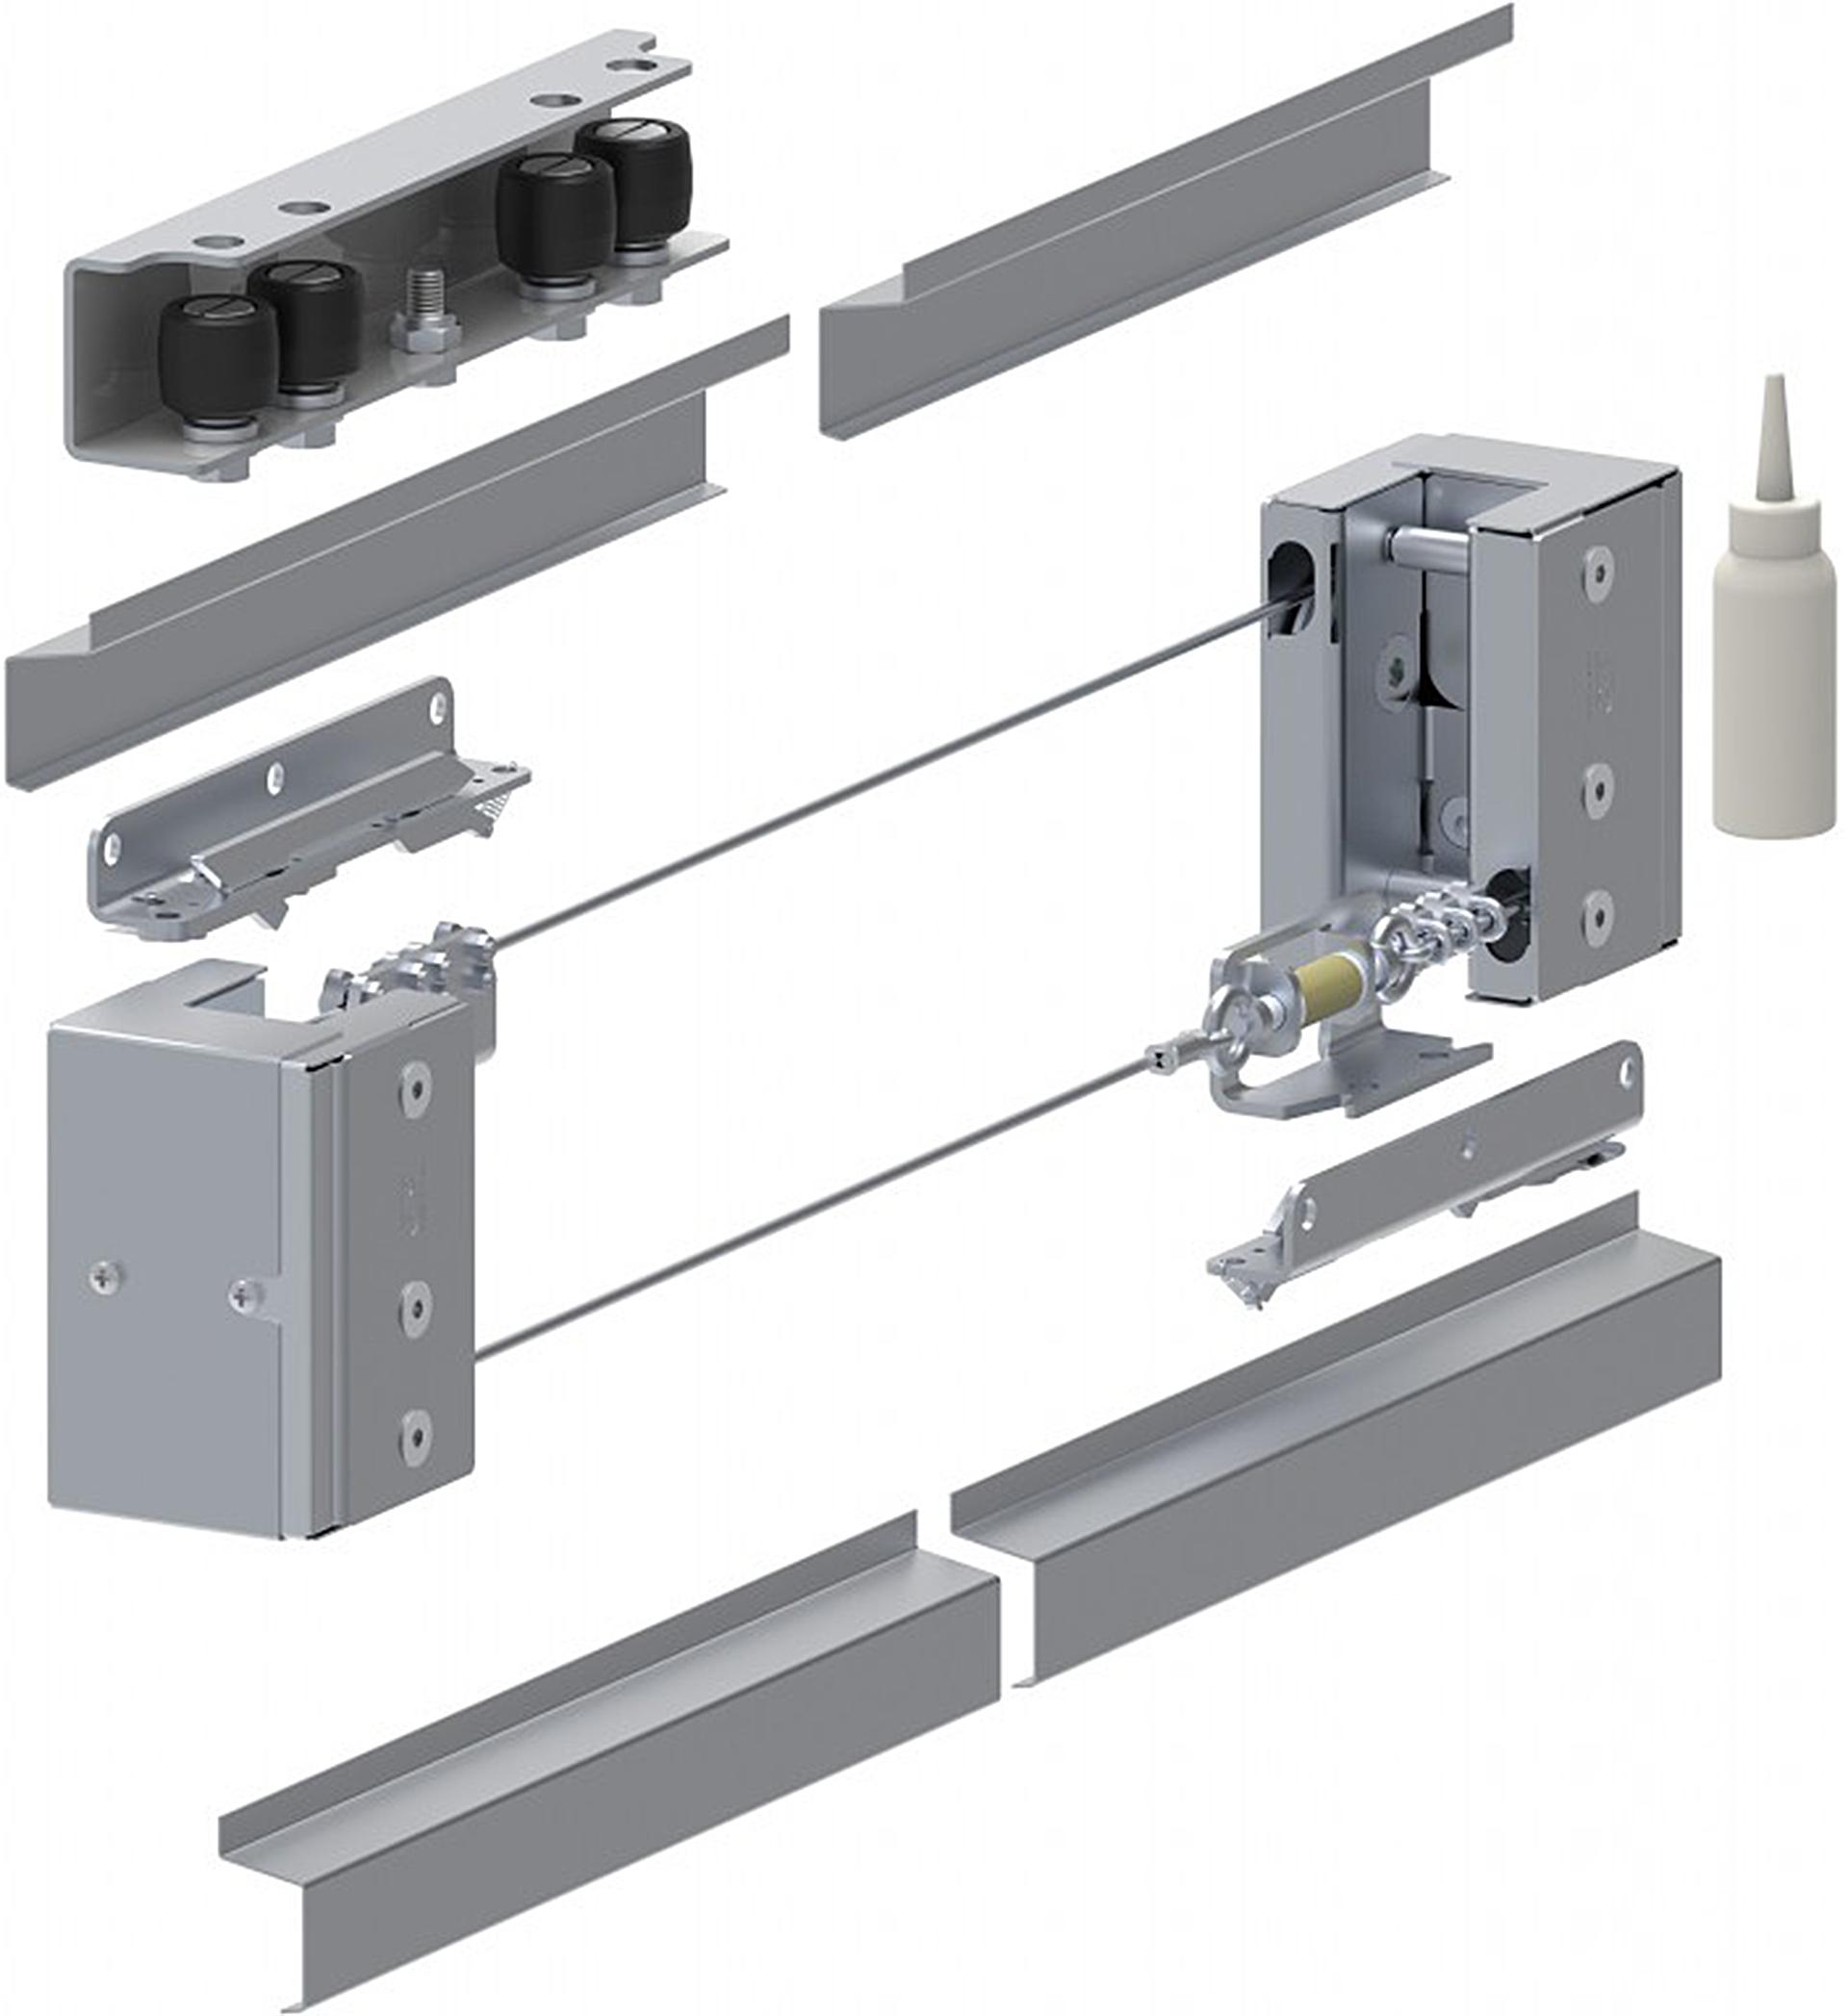 Γκαραζόπορτες, μηχανισμός για τηλεσκοπικές με τρία φύλλα